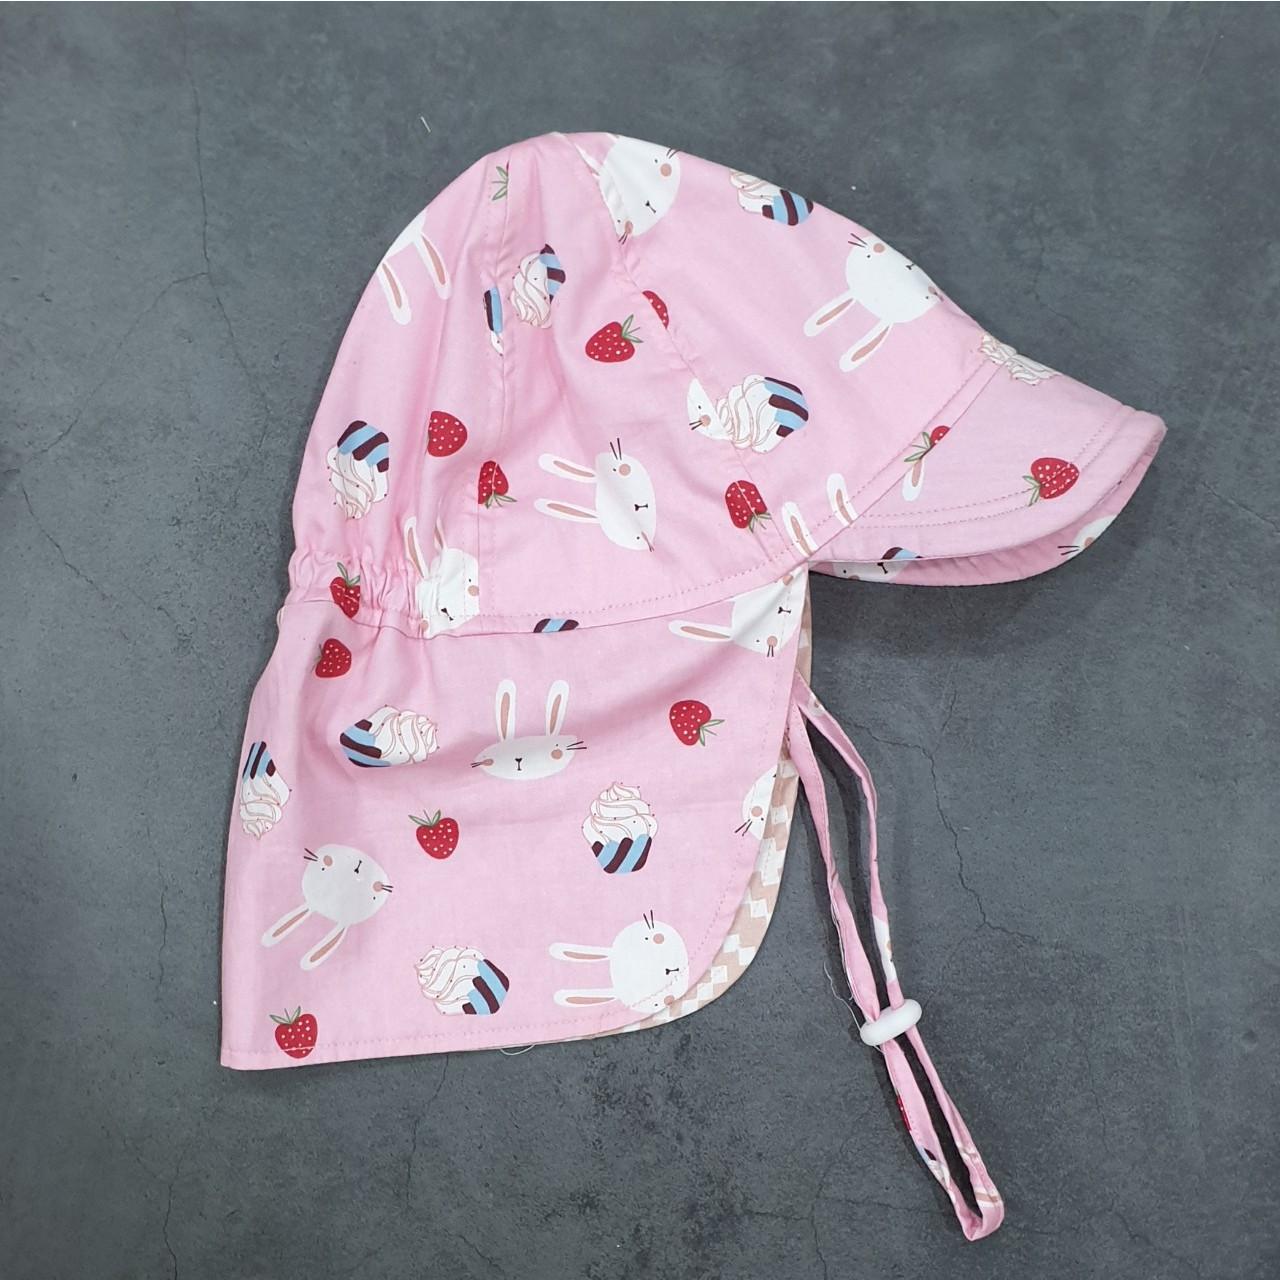 Mũ che gáy kiểu Nhật cho bé gái từ 0 - 12 tuổi họa tiết hình con thỏ nền hồng, chống nắng đi biển dã ngoại